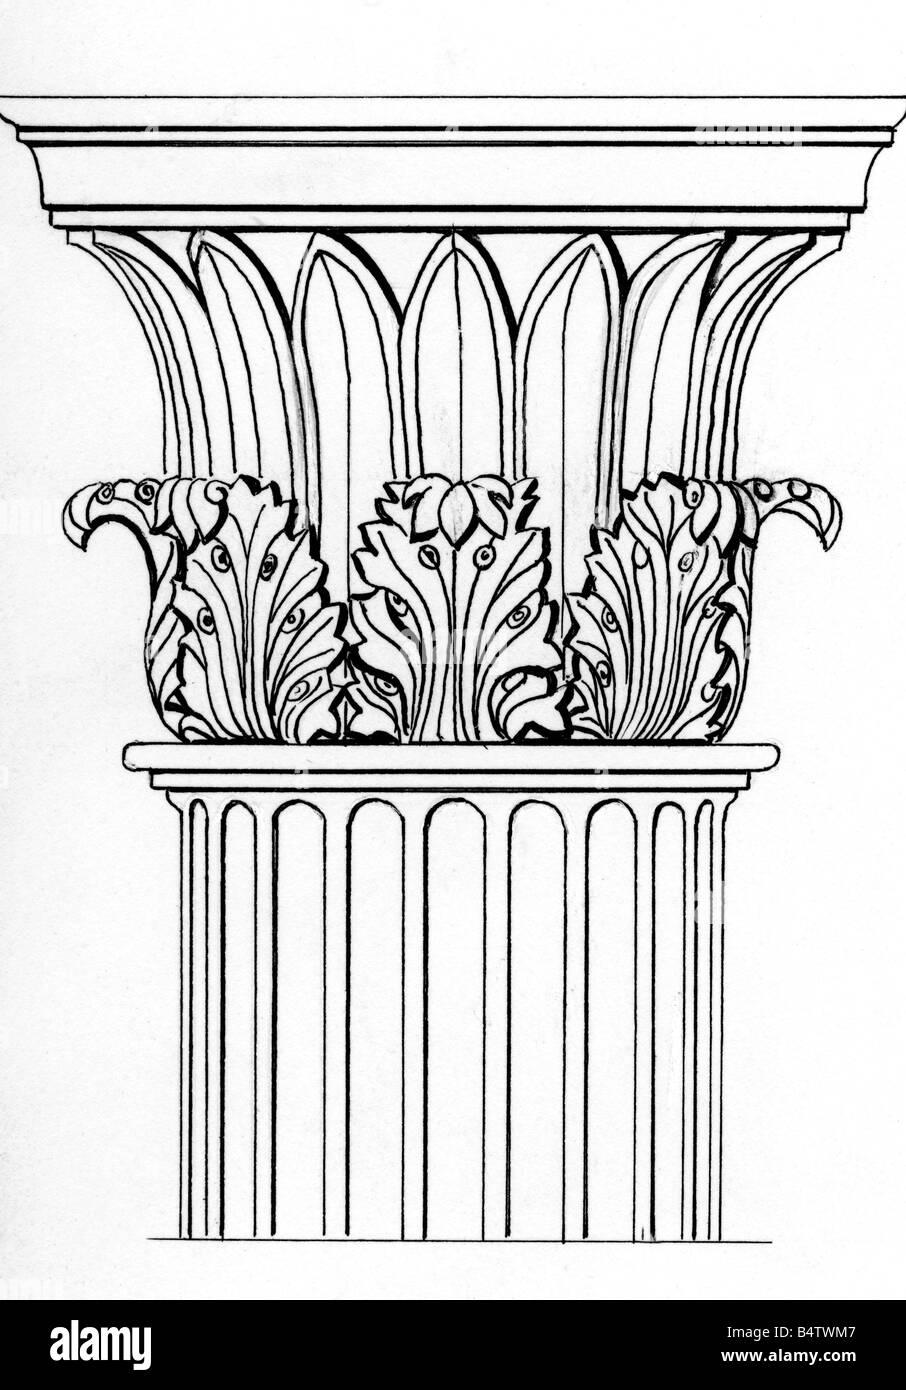 architektur detail spalten capitel korinthische ordnung tuschezeichnung 20 jahrhundert. Black Bedroom Furniture Sets. Home Design Ideas